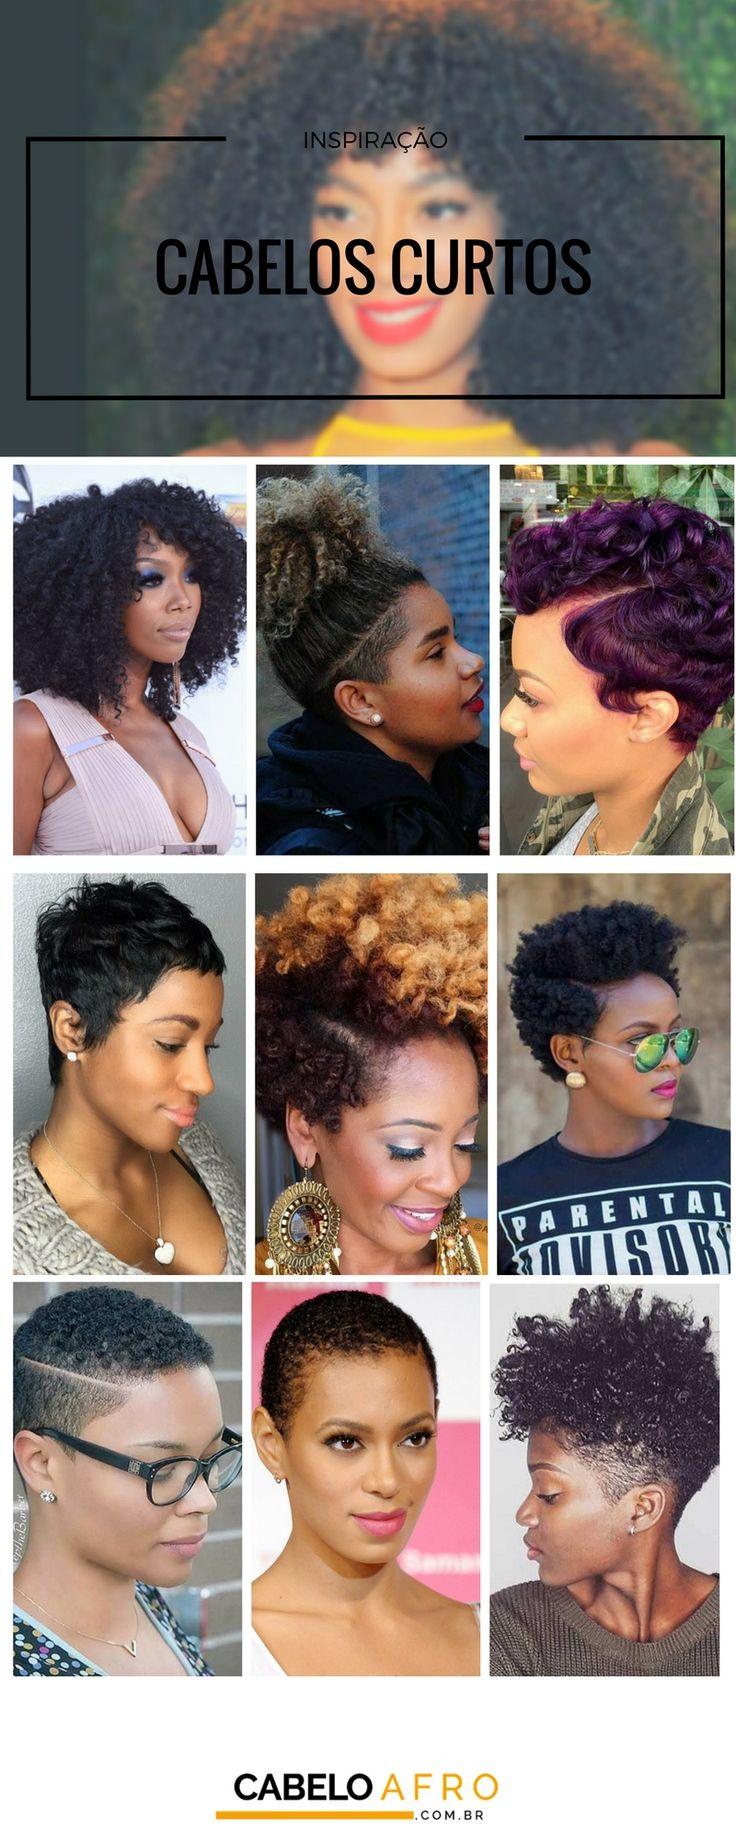 Cabelos curtos: Cortes femininos para cabelos afros que vão bombar em 2017!